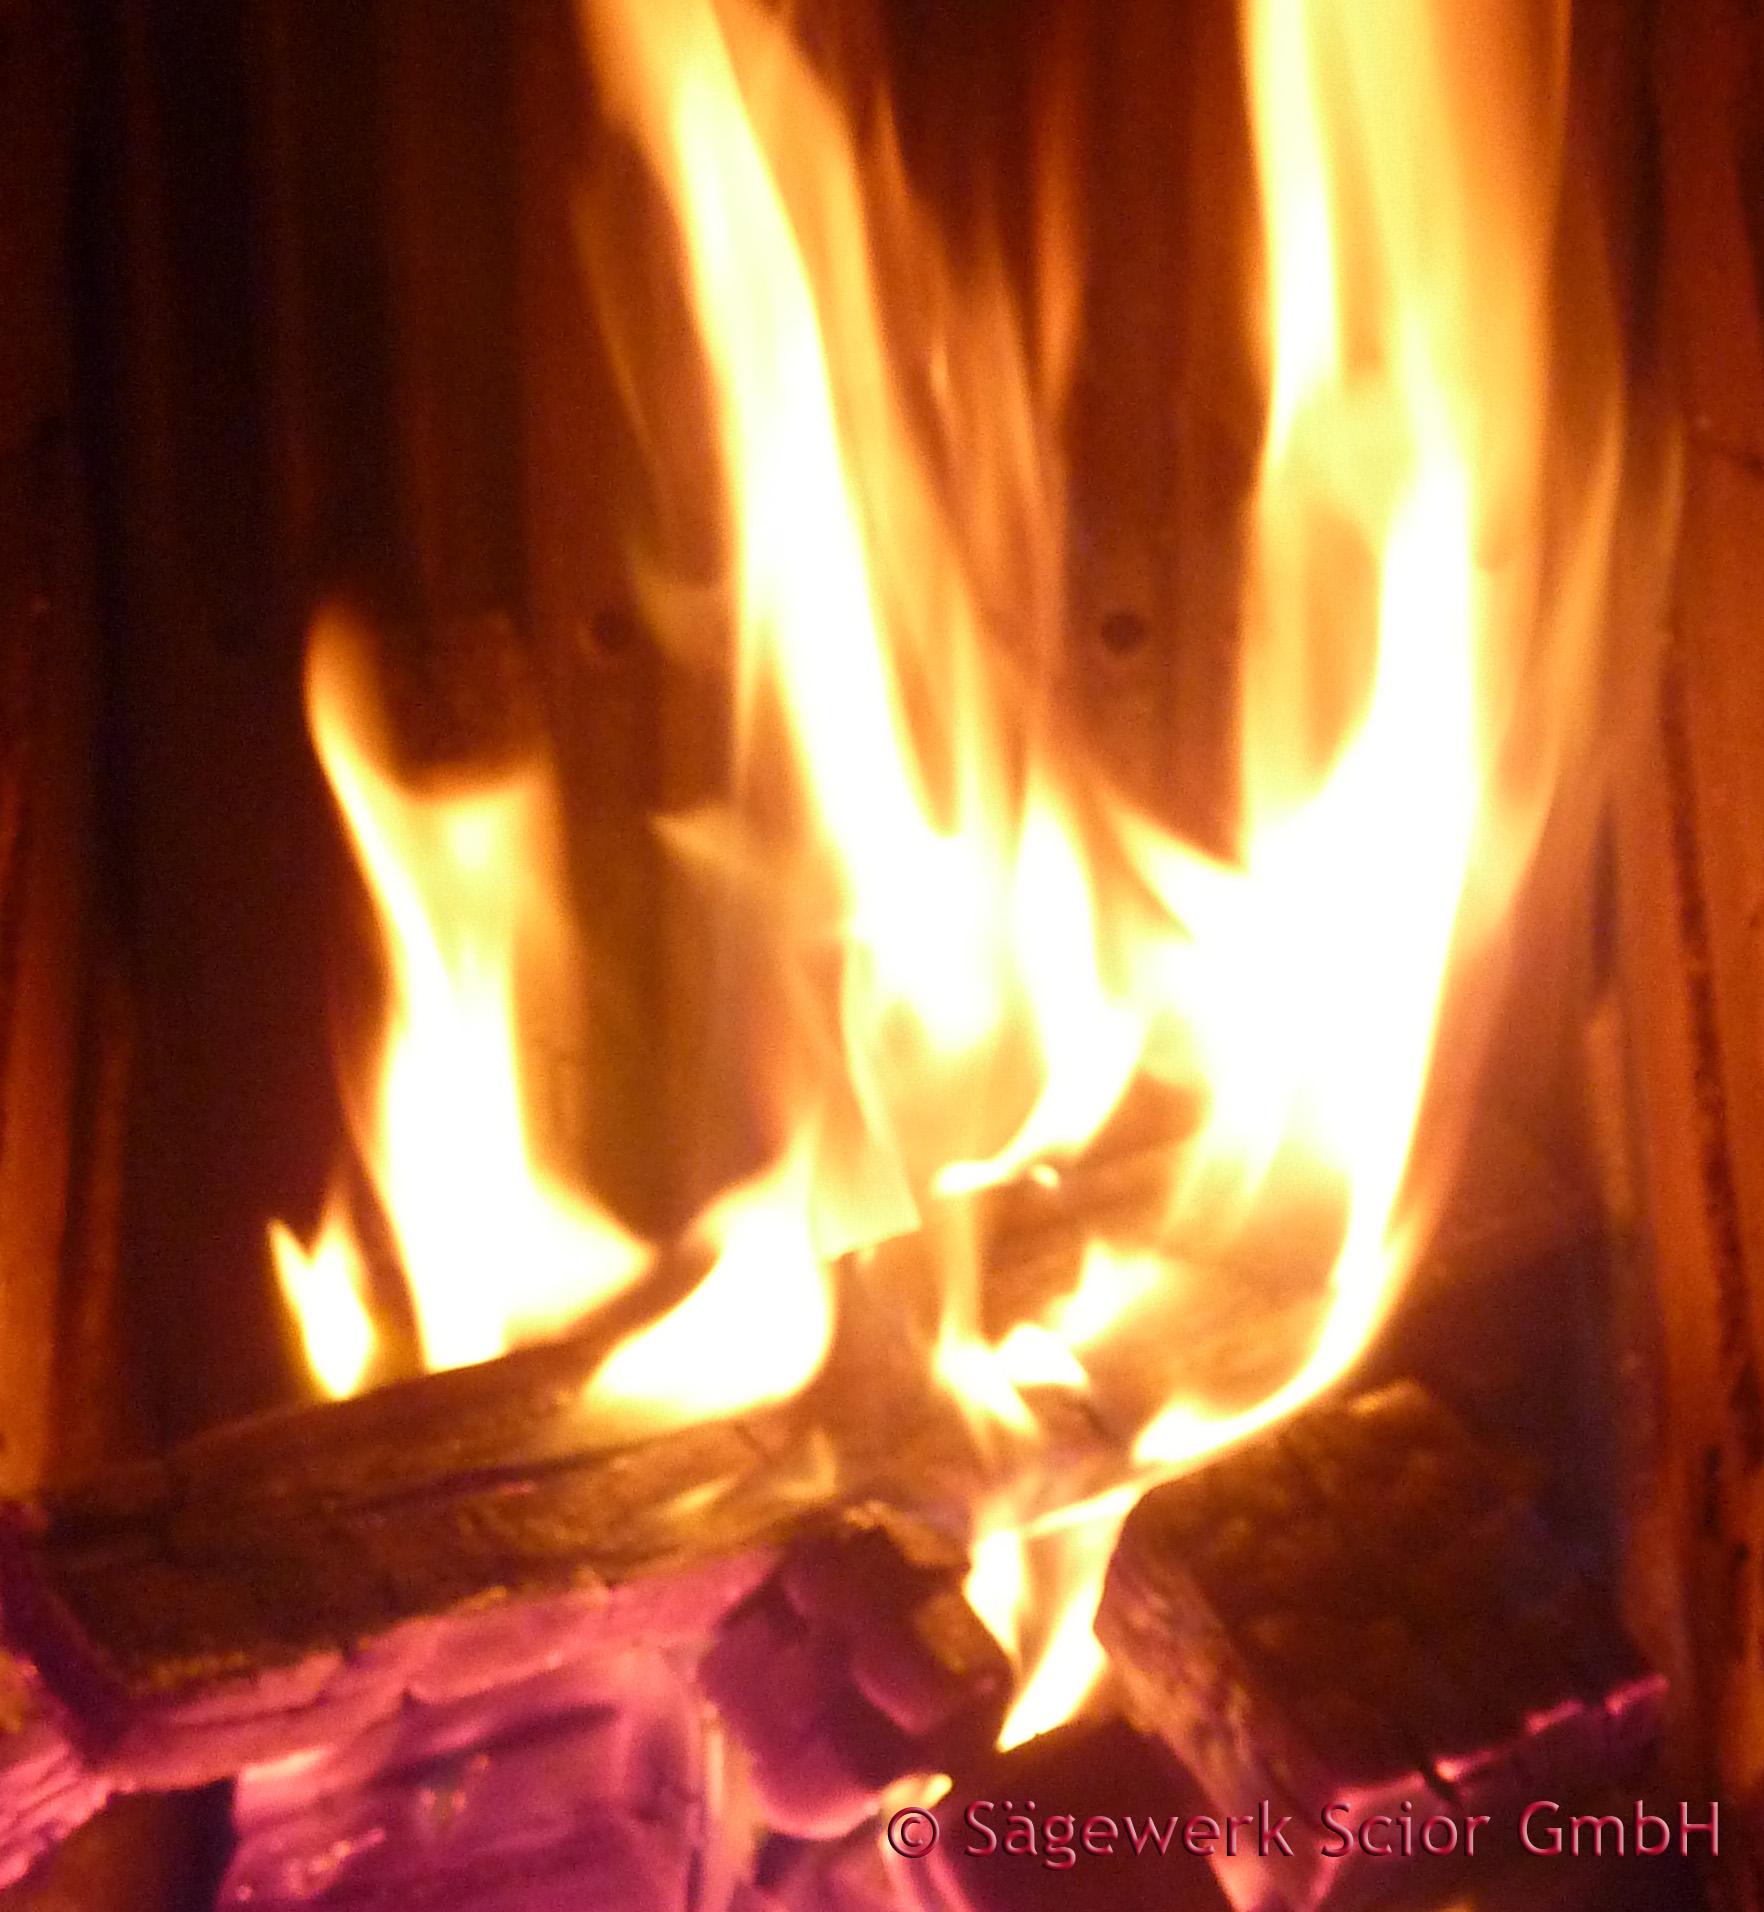 Lebendiges Feuer wärmt Körper und Geist